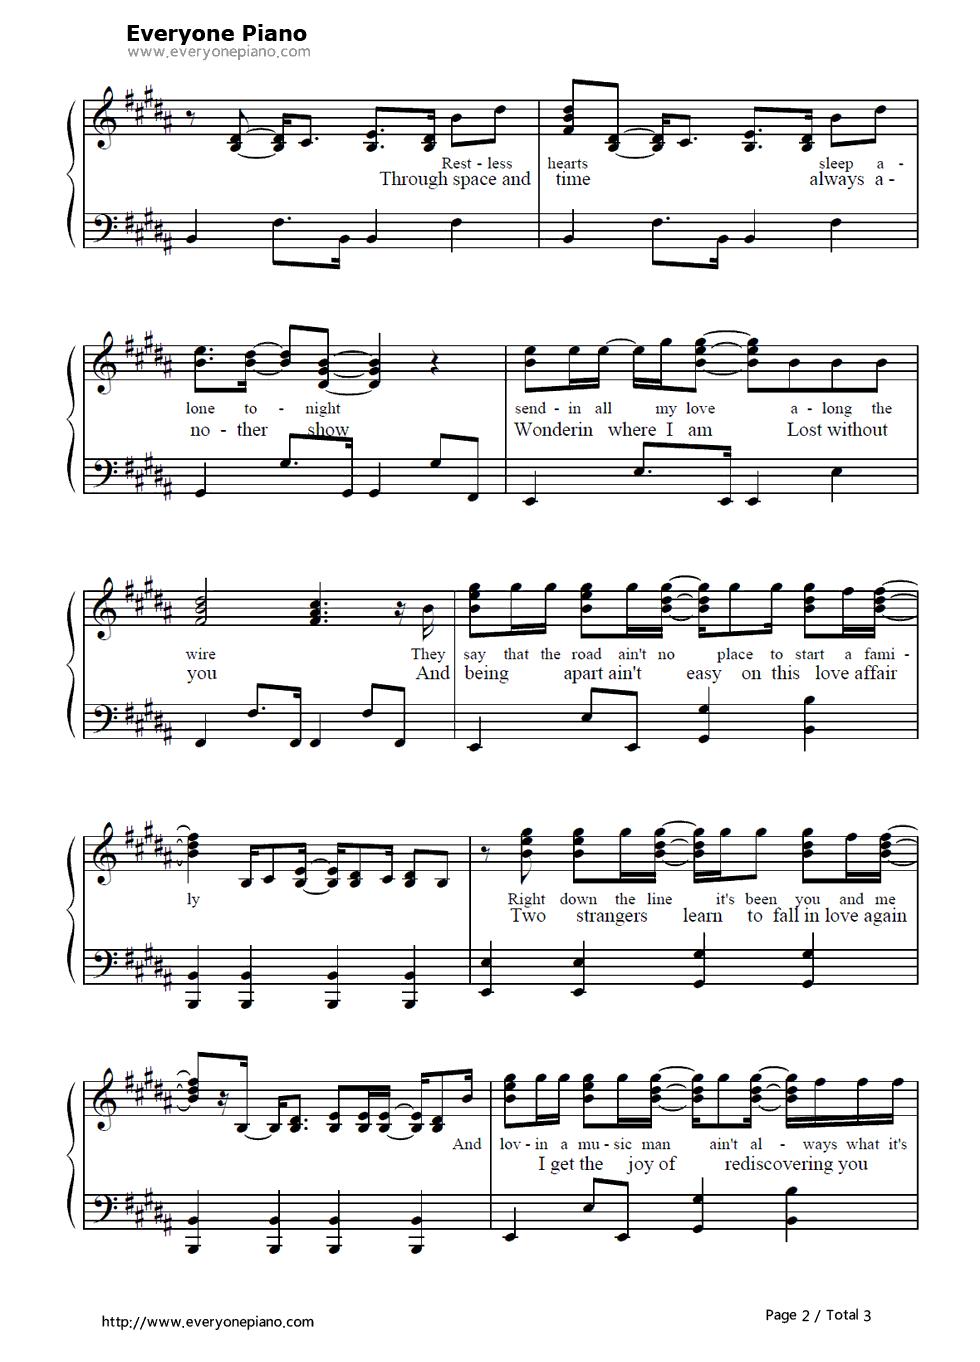 faithfully sheet music pdf free